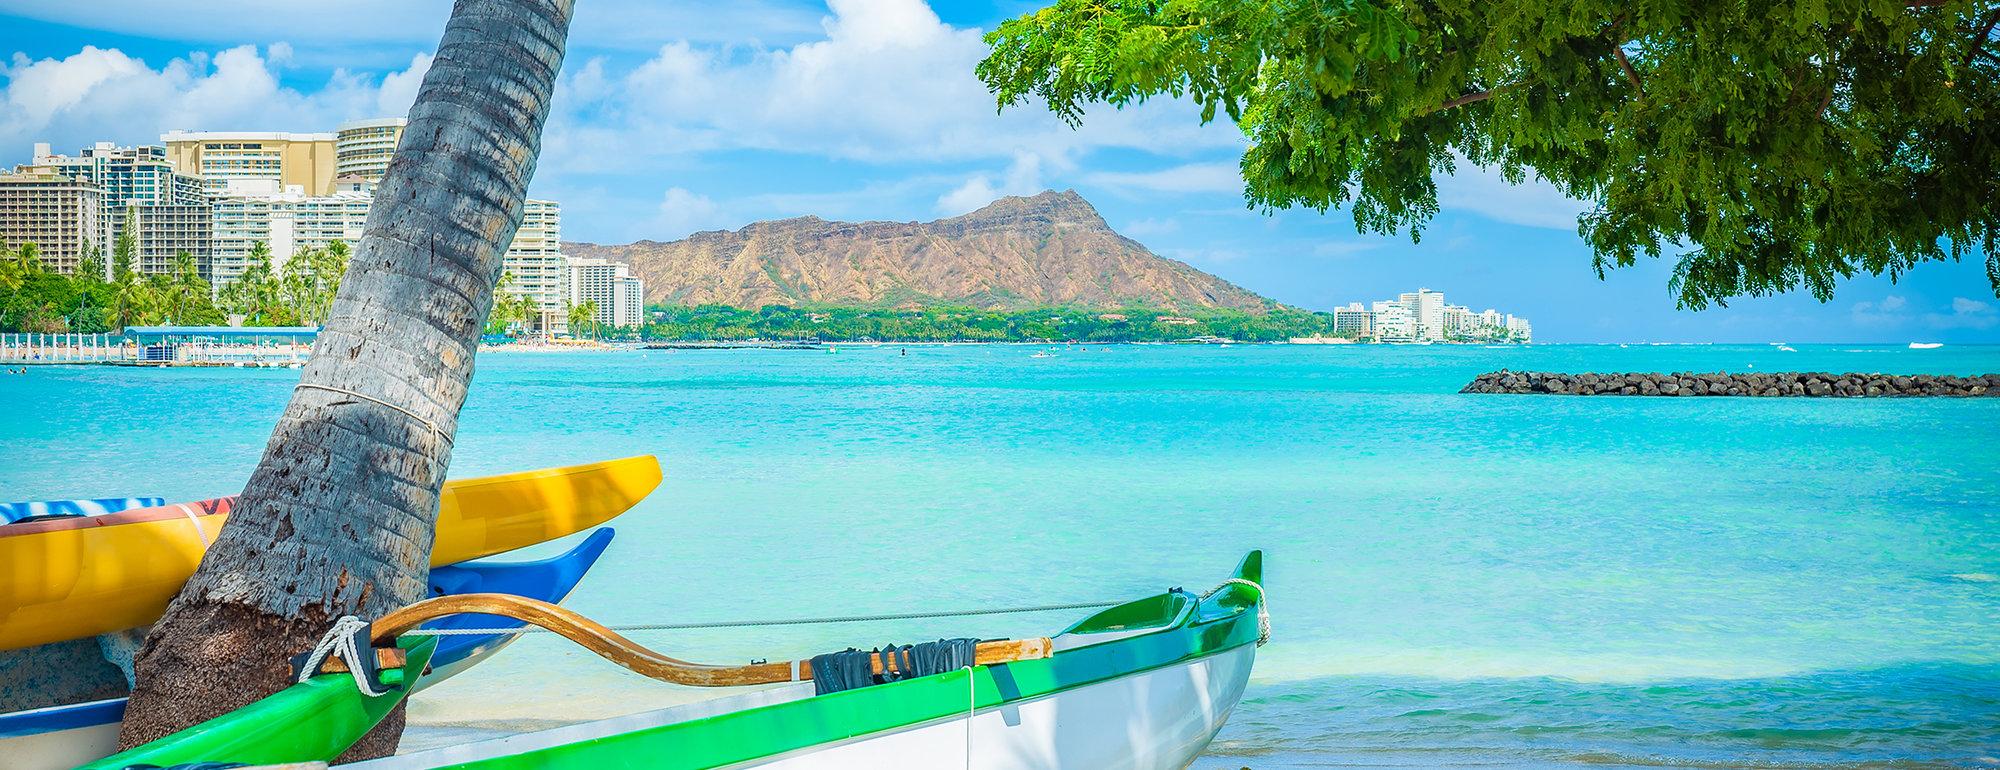 Oahu/Honolulu